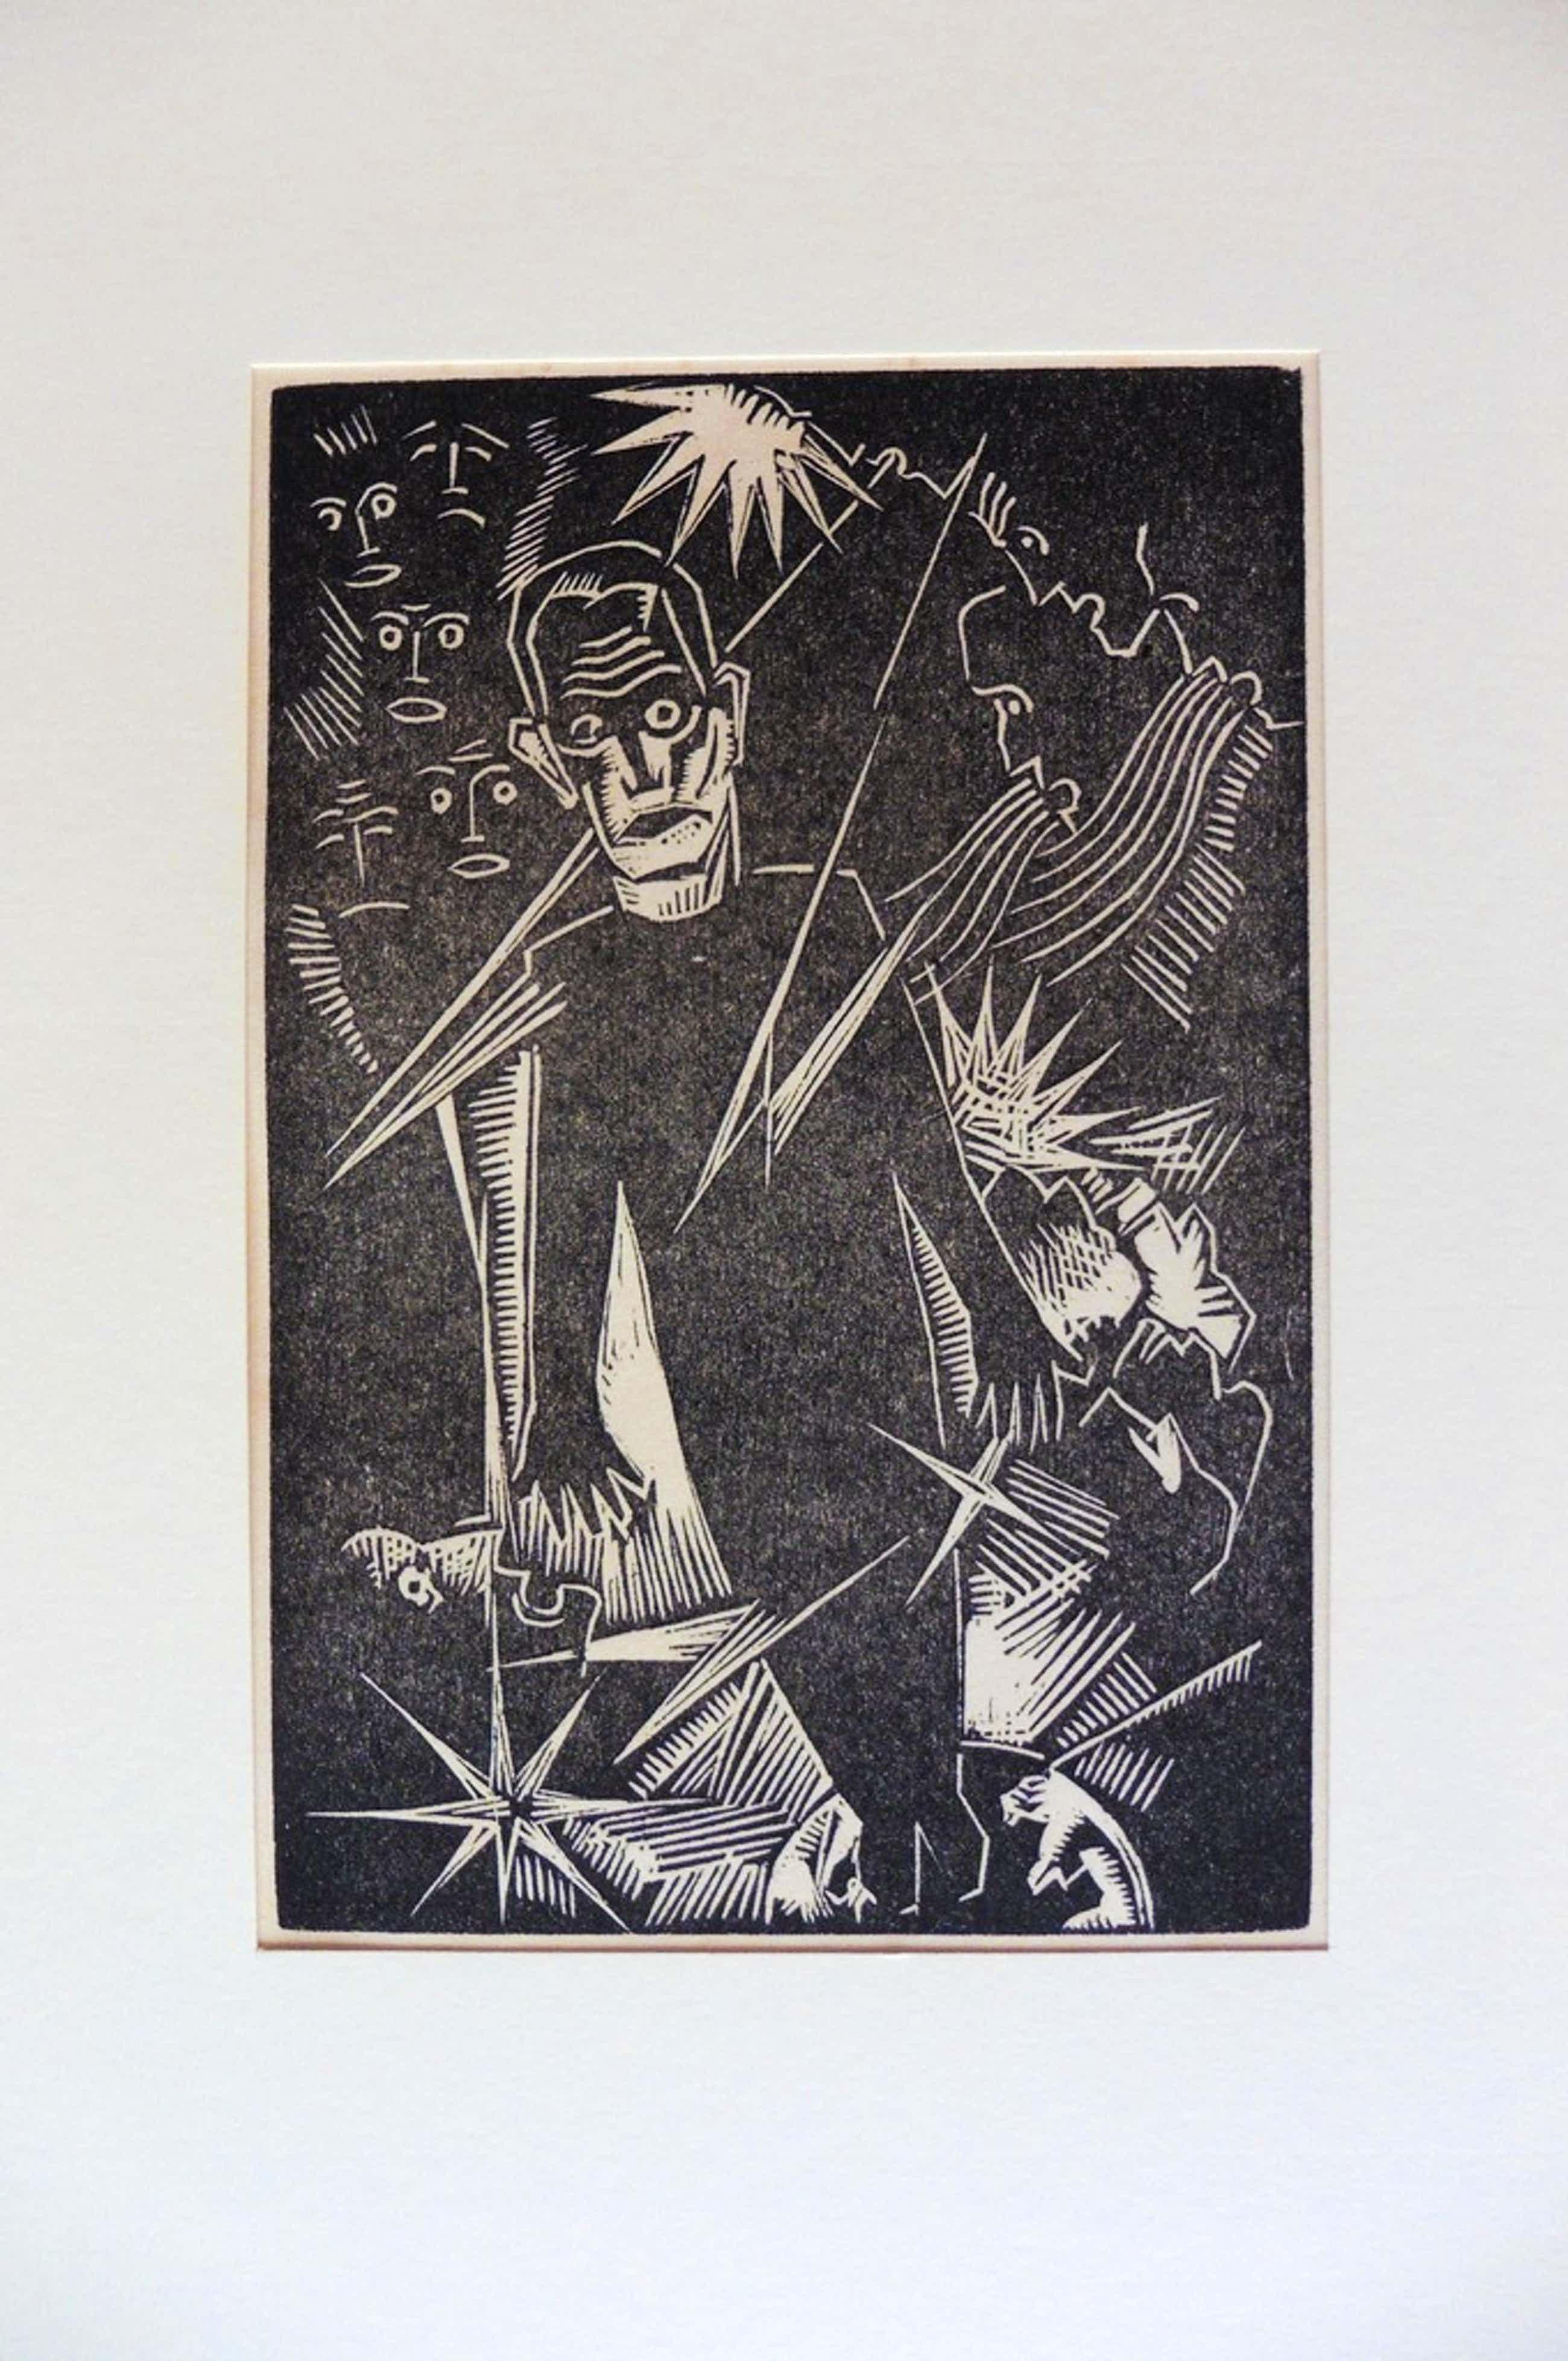 Wout van Heusden,De propagandist, houtsnede, 1927 kopen? Bied vanaf 40!